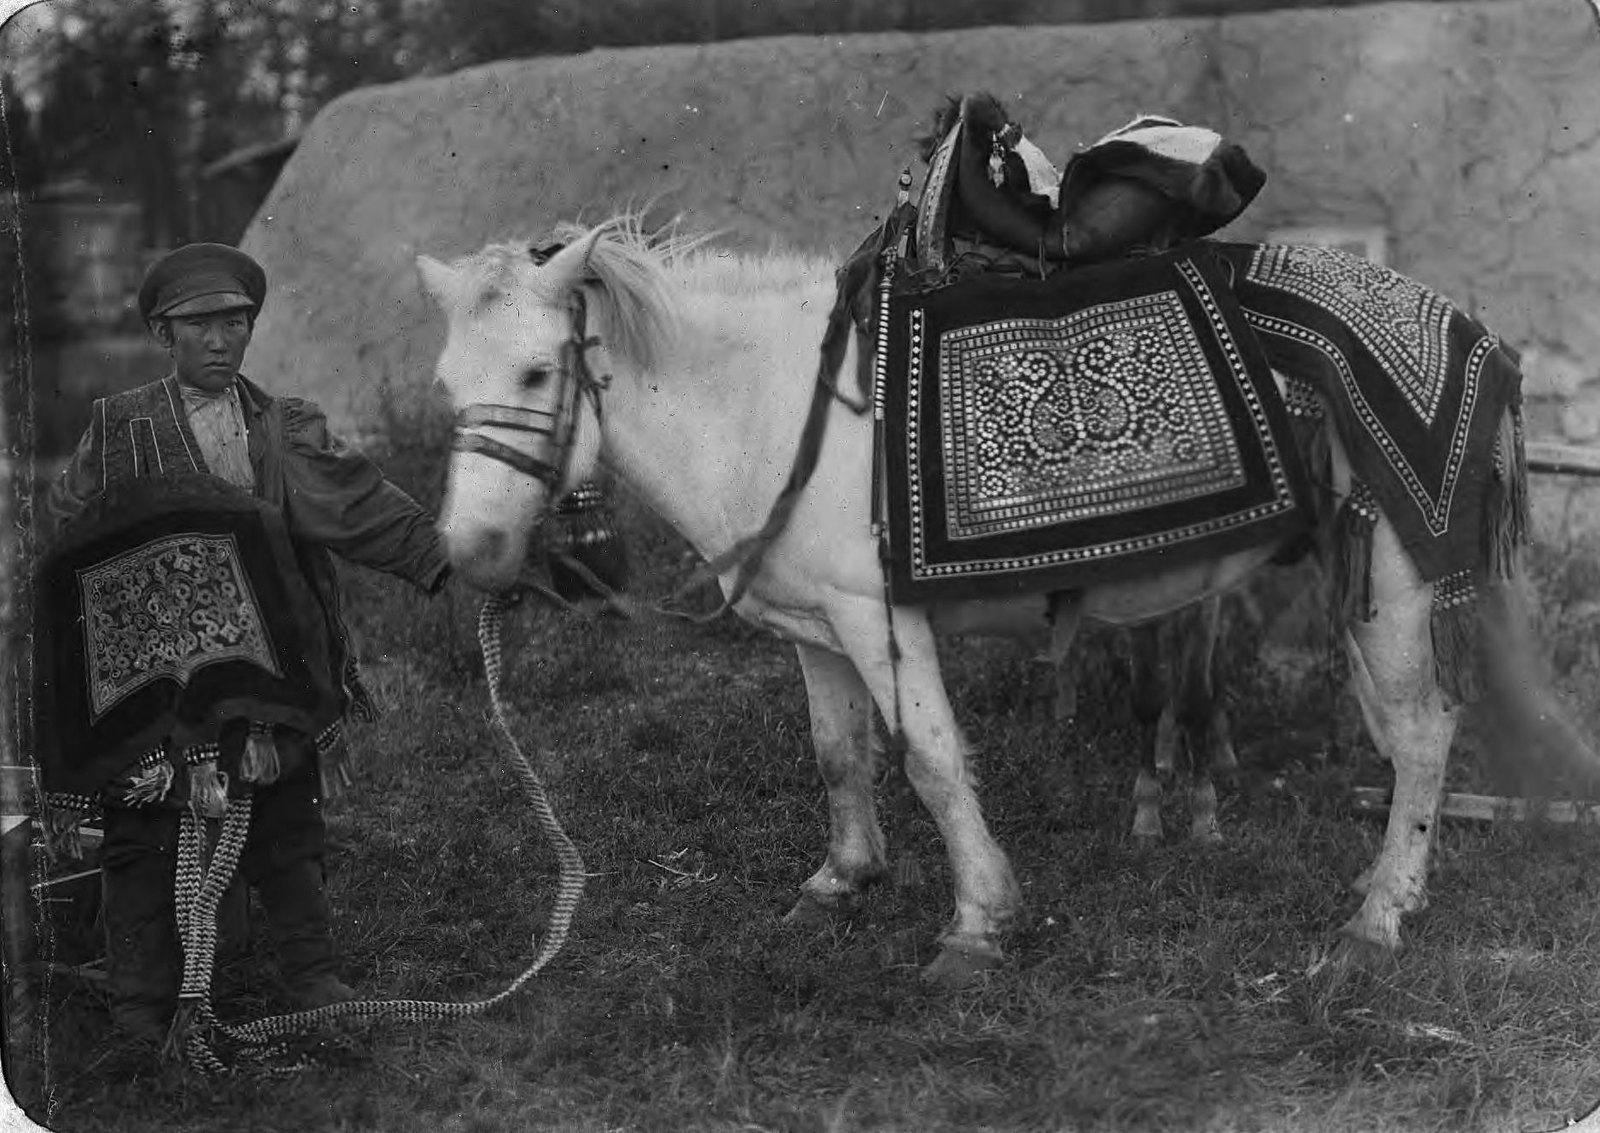 Лошадь в праздничной сбруе и наездник в торжественной одежде